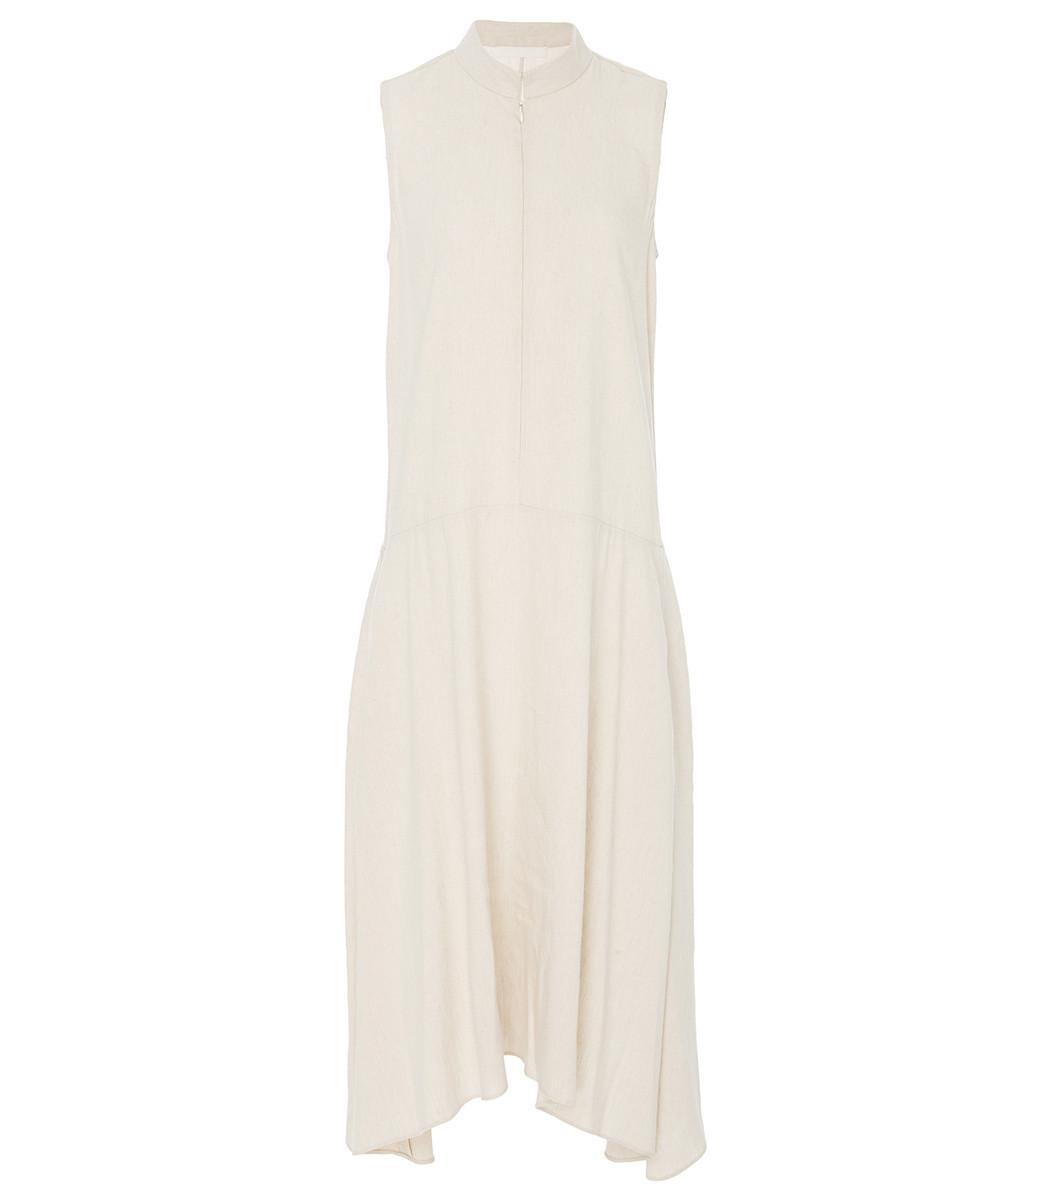 MARISA WITKIN Mock Neck Sleeveless Dress